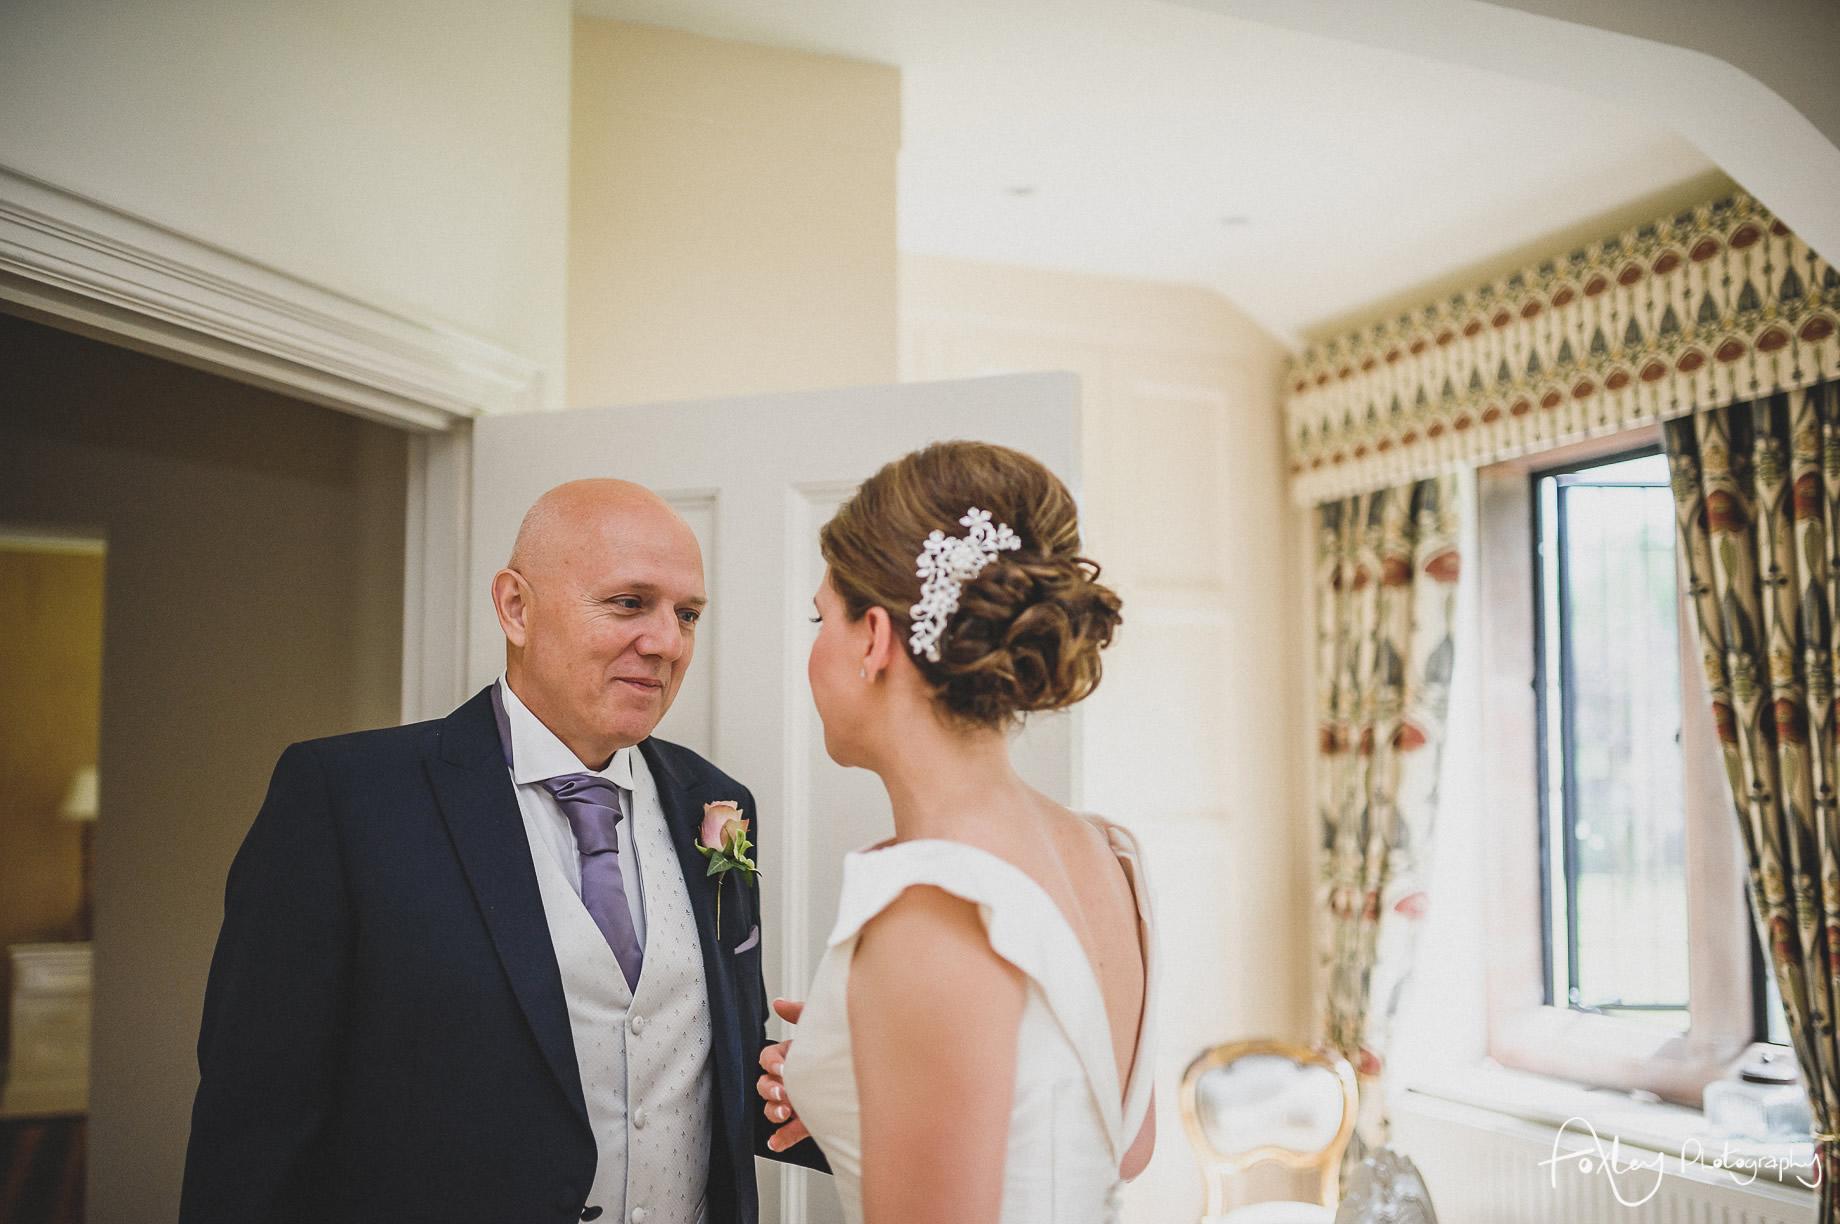 Simona-and-Robert-Wedding-at-Colshaw-Hall-085